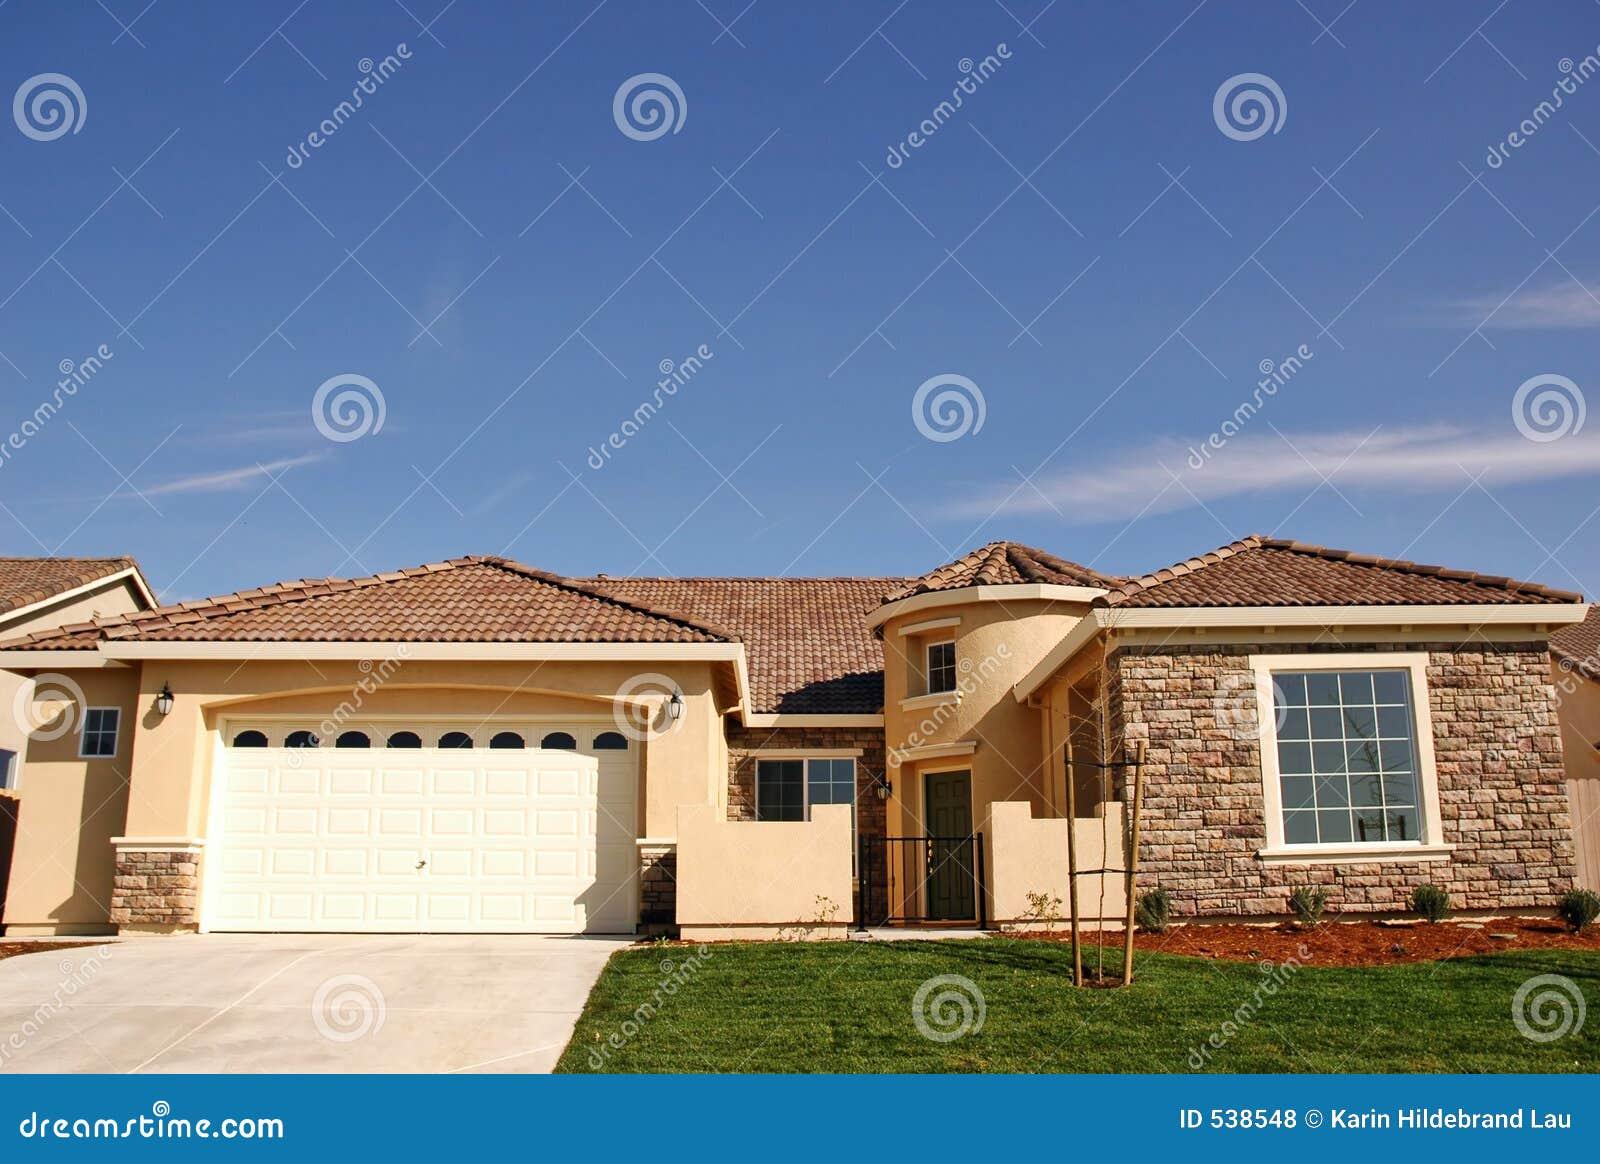 Download 唯一的房子 库存照片. 图片 包括有 系列, 梦想, 消耗大, 前面, 围场, 蓝色, 瓦片, 建筑师, 生活方式 - 538548